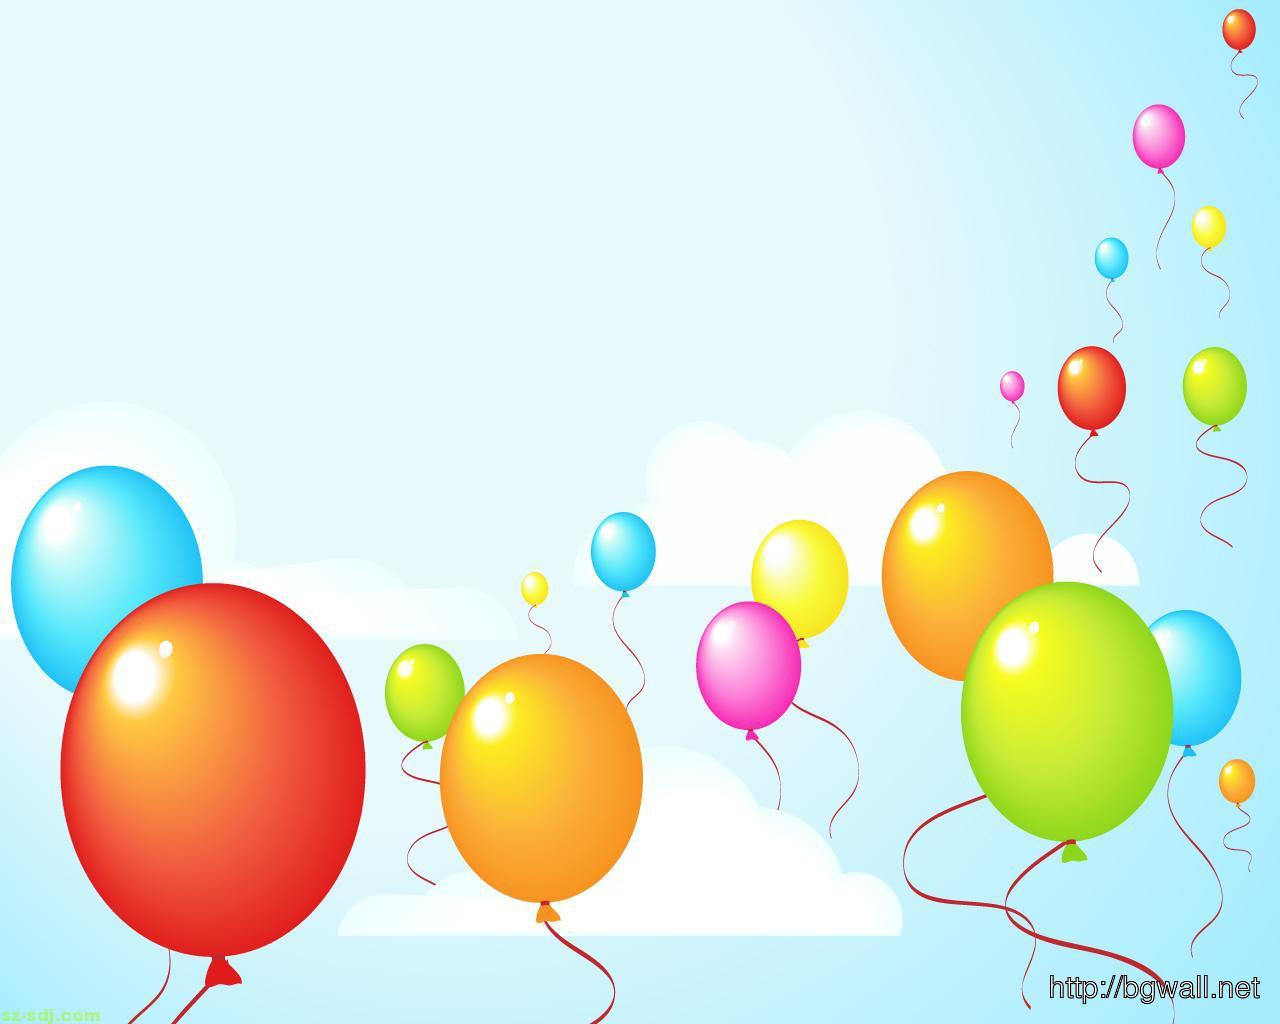 balloon-vector-wallpaper-for-desktop